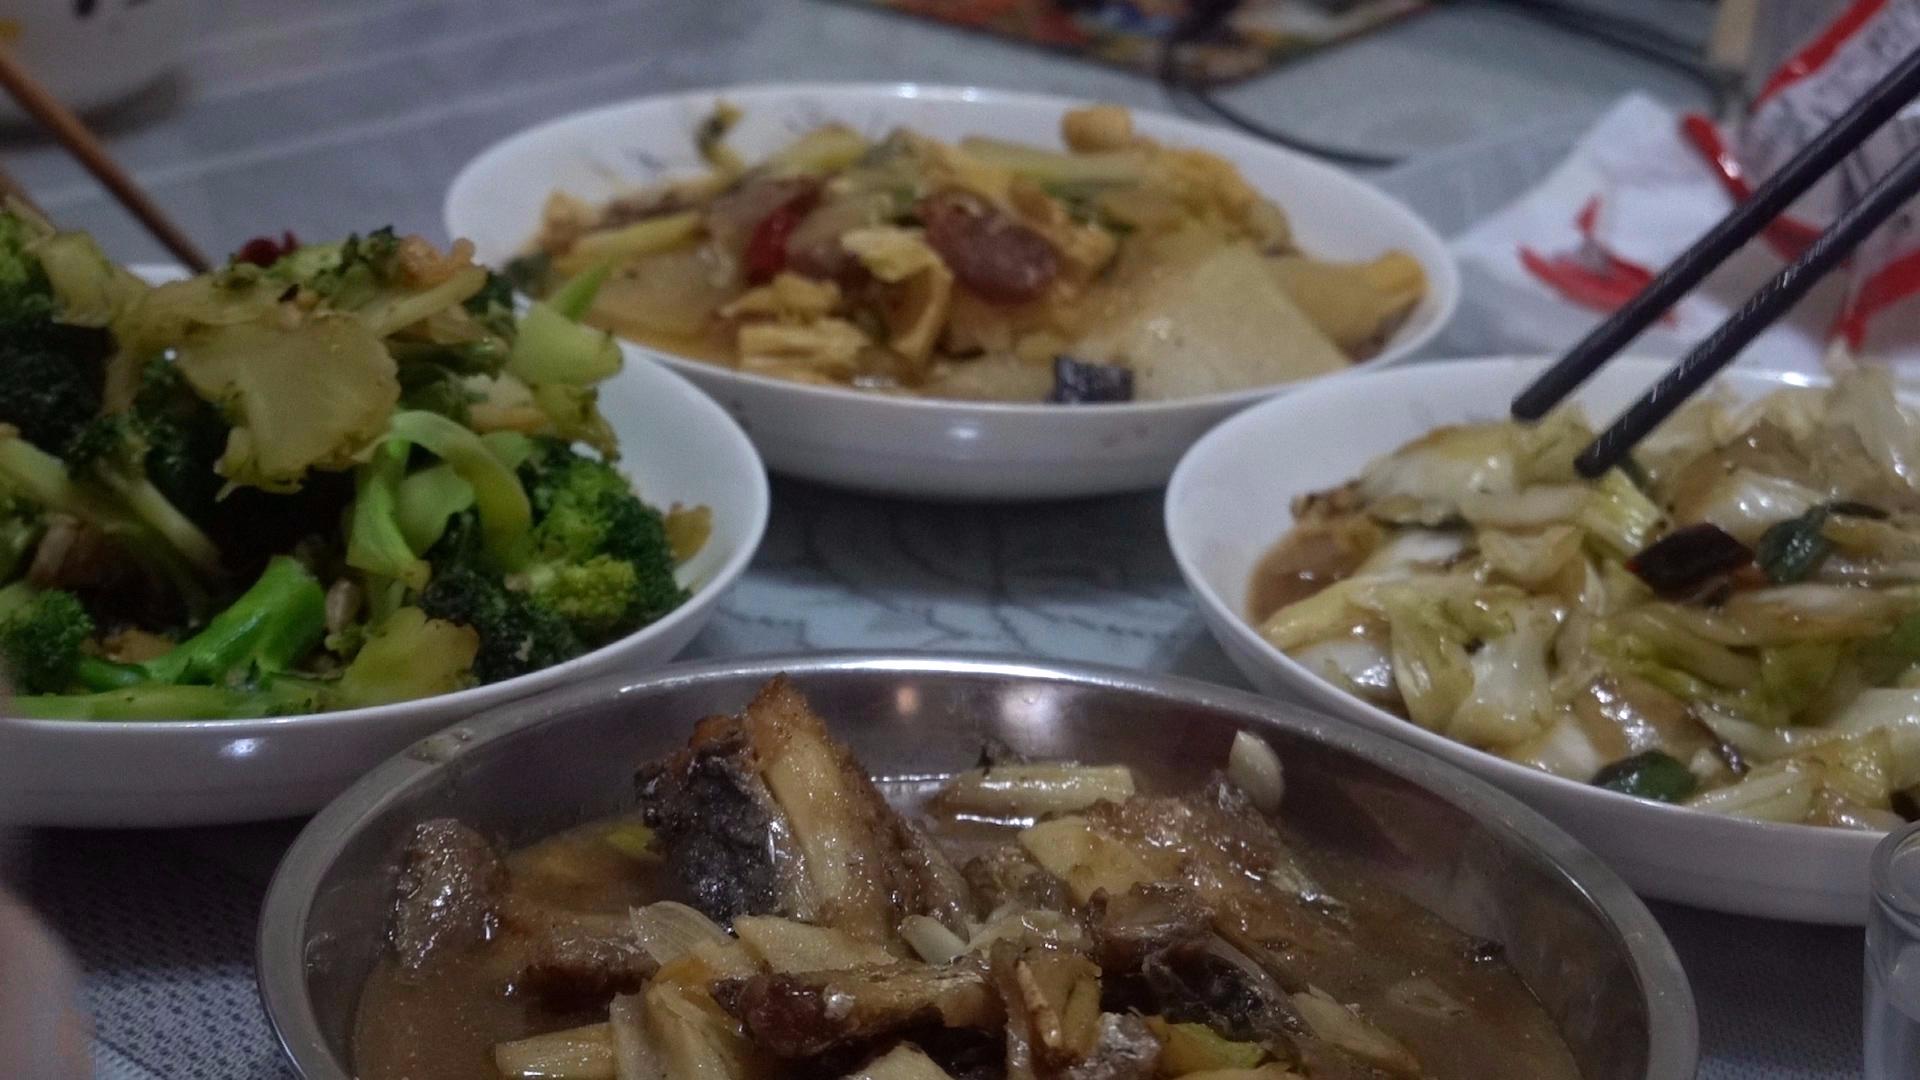 【老司马的日常食堂】一餐家常饭